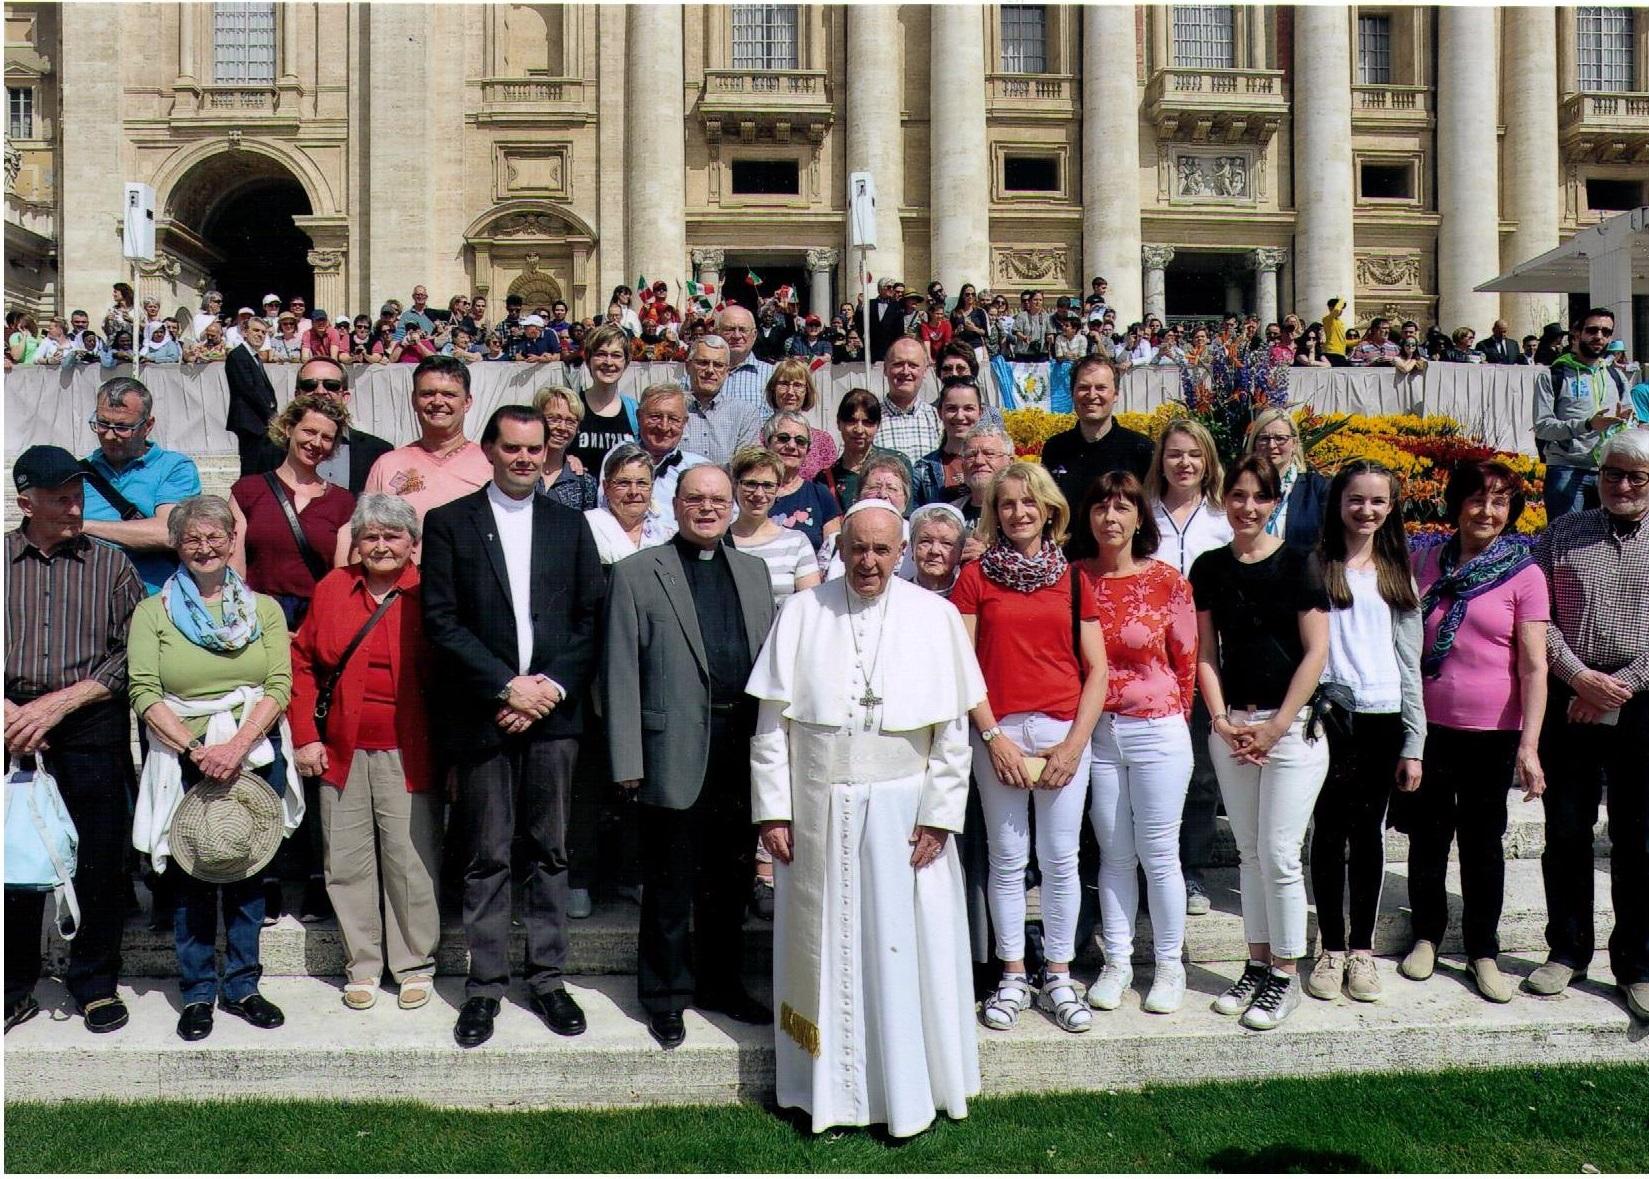 Pilgerreise der Diözese Augsburg nach Rom